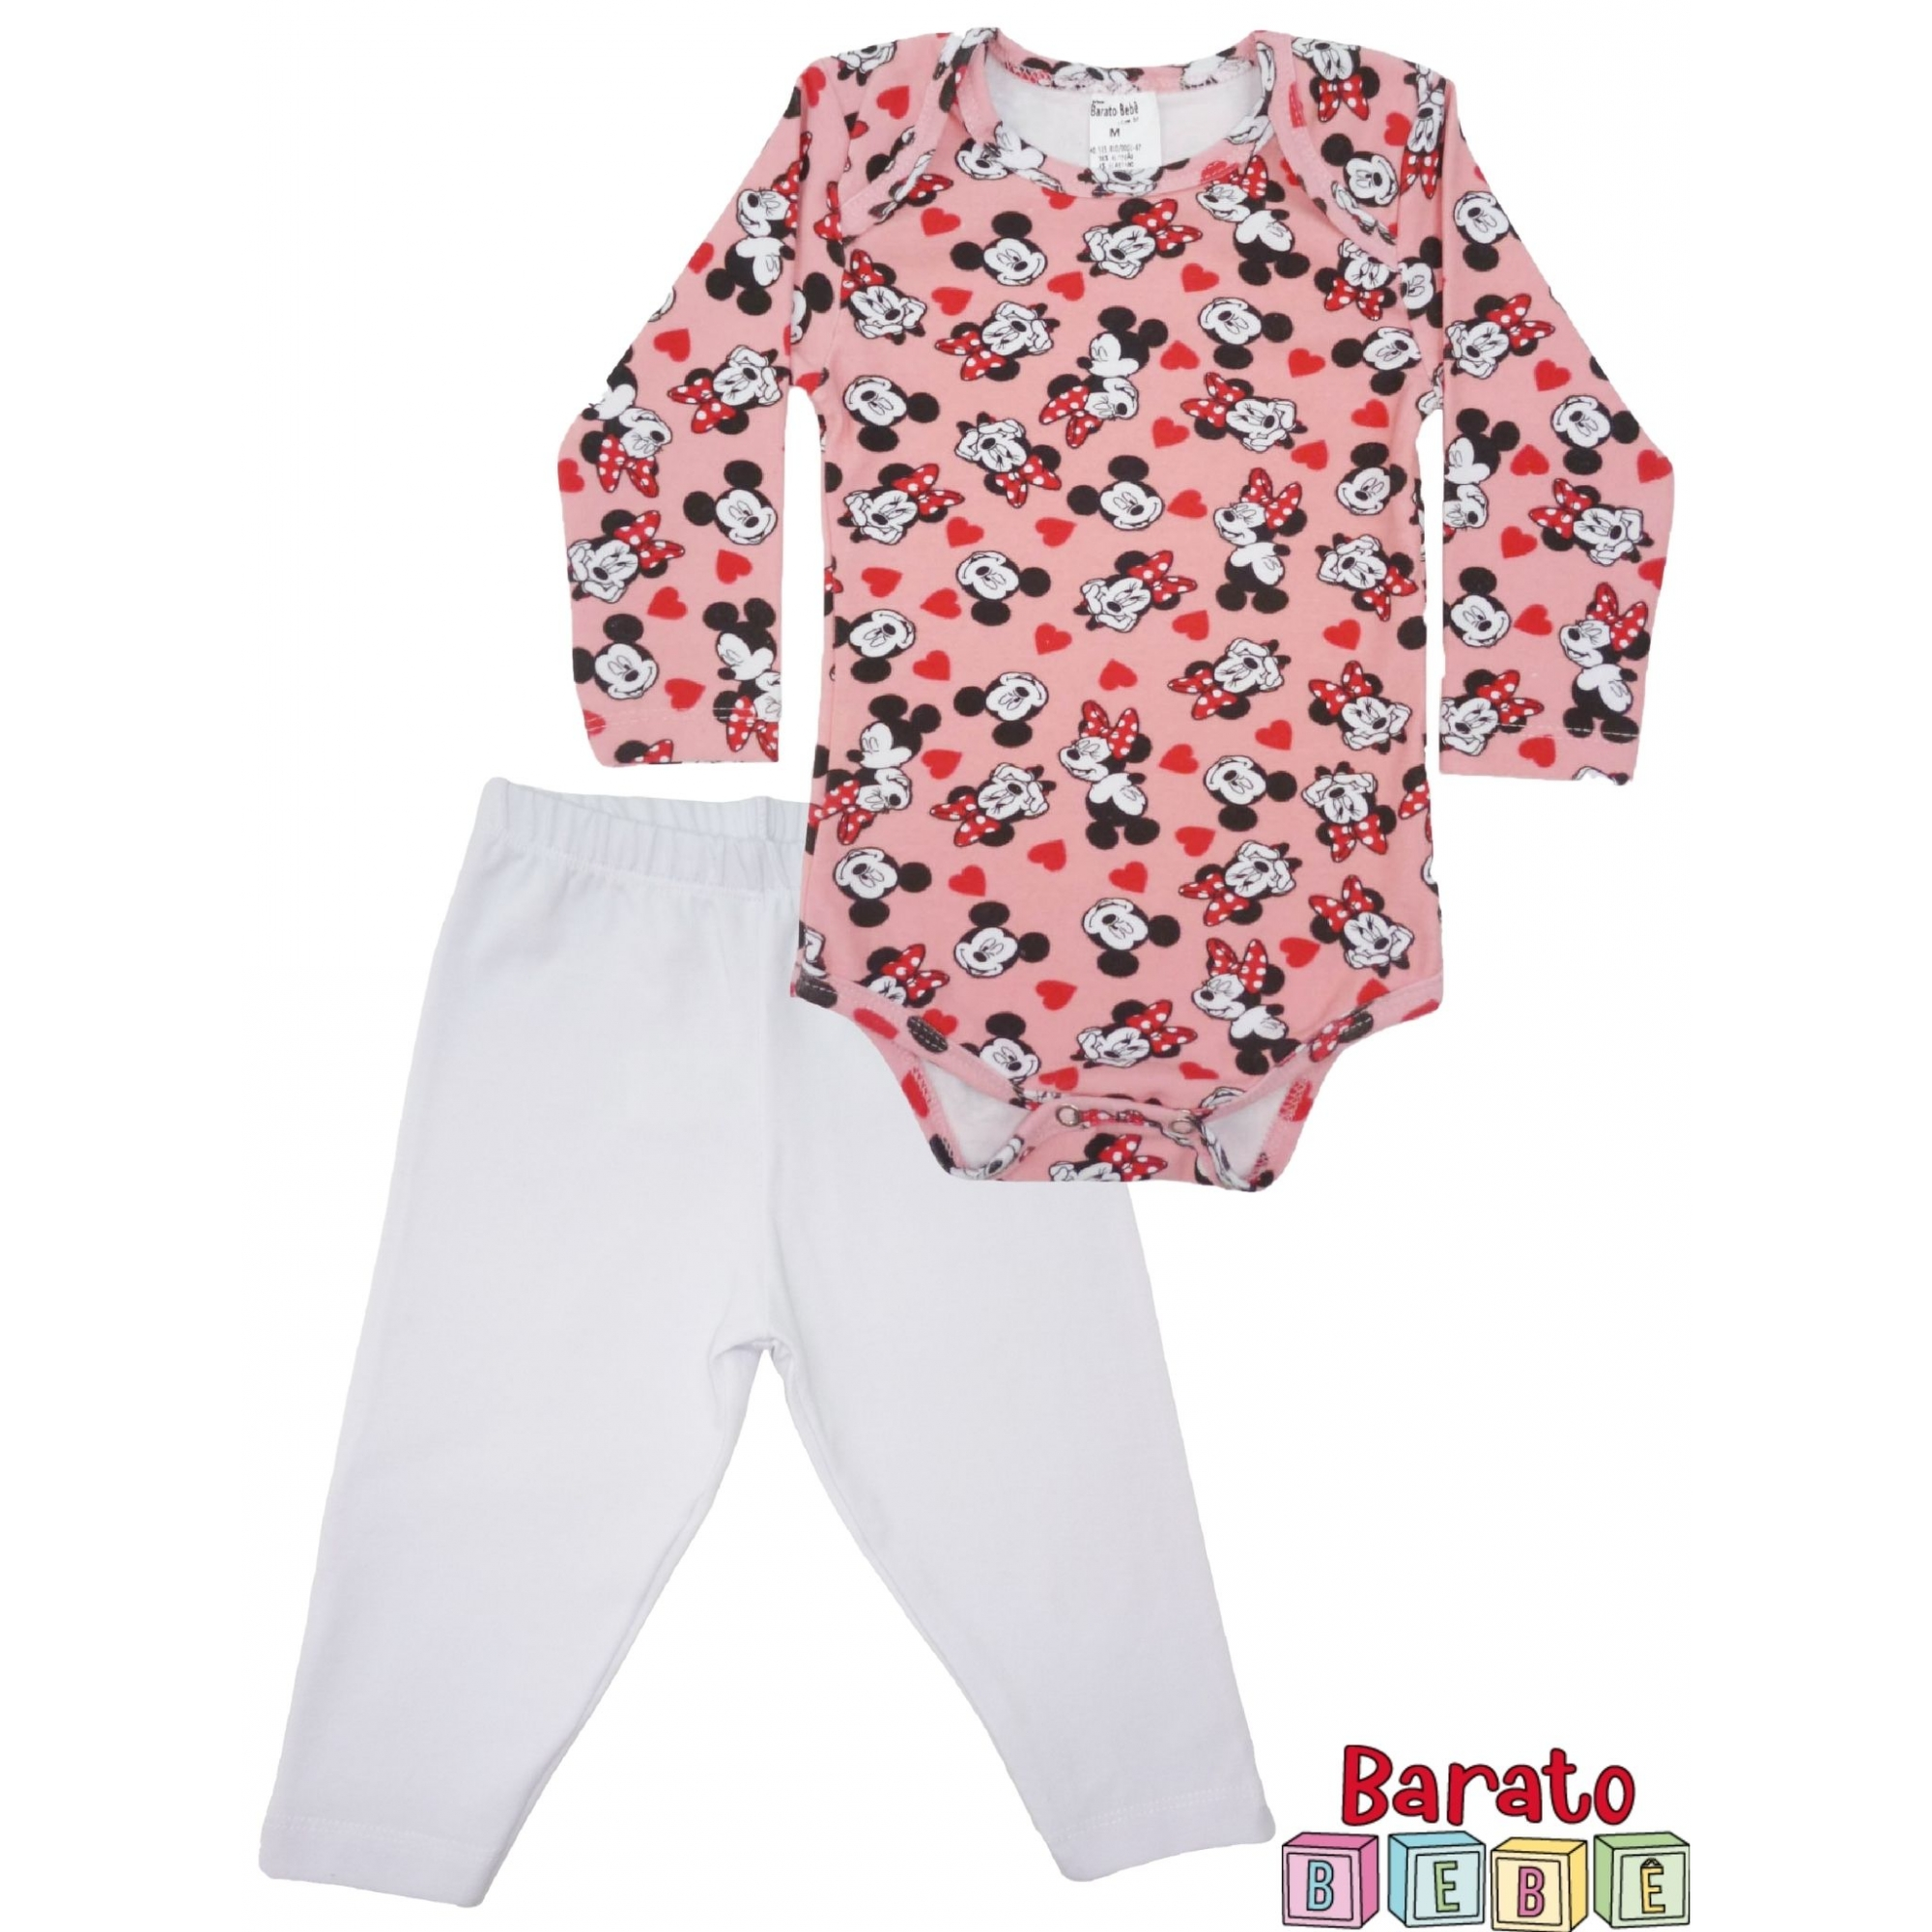 Conjunto de Inverno Bebê Body e Calça - Barato Bebê